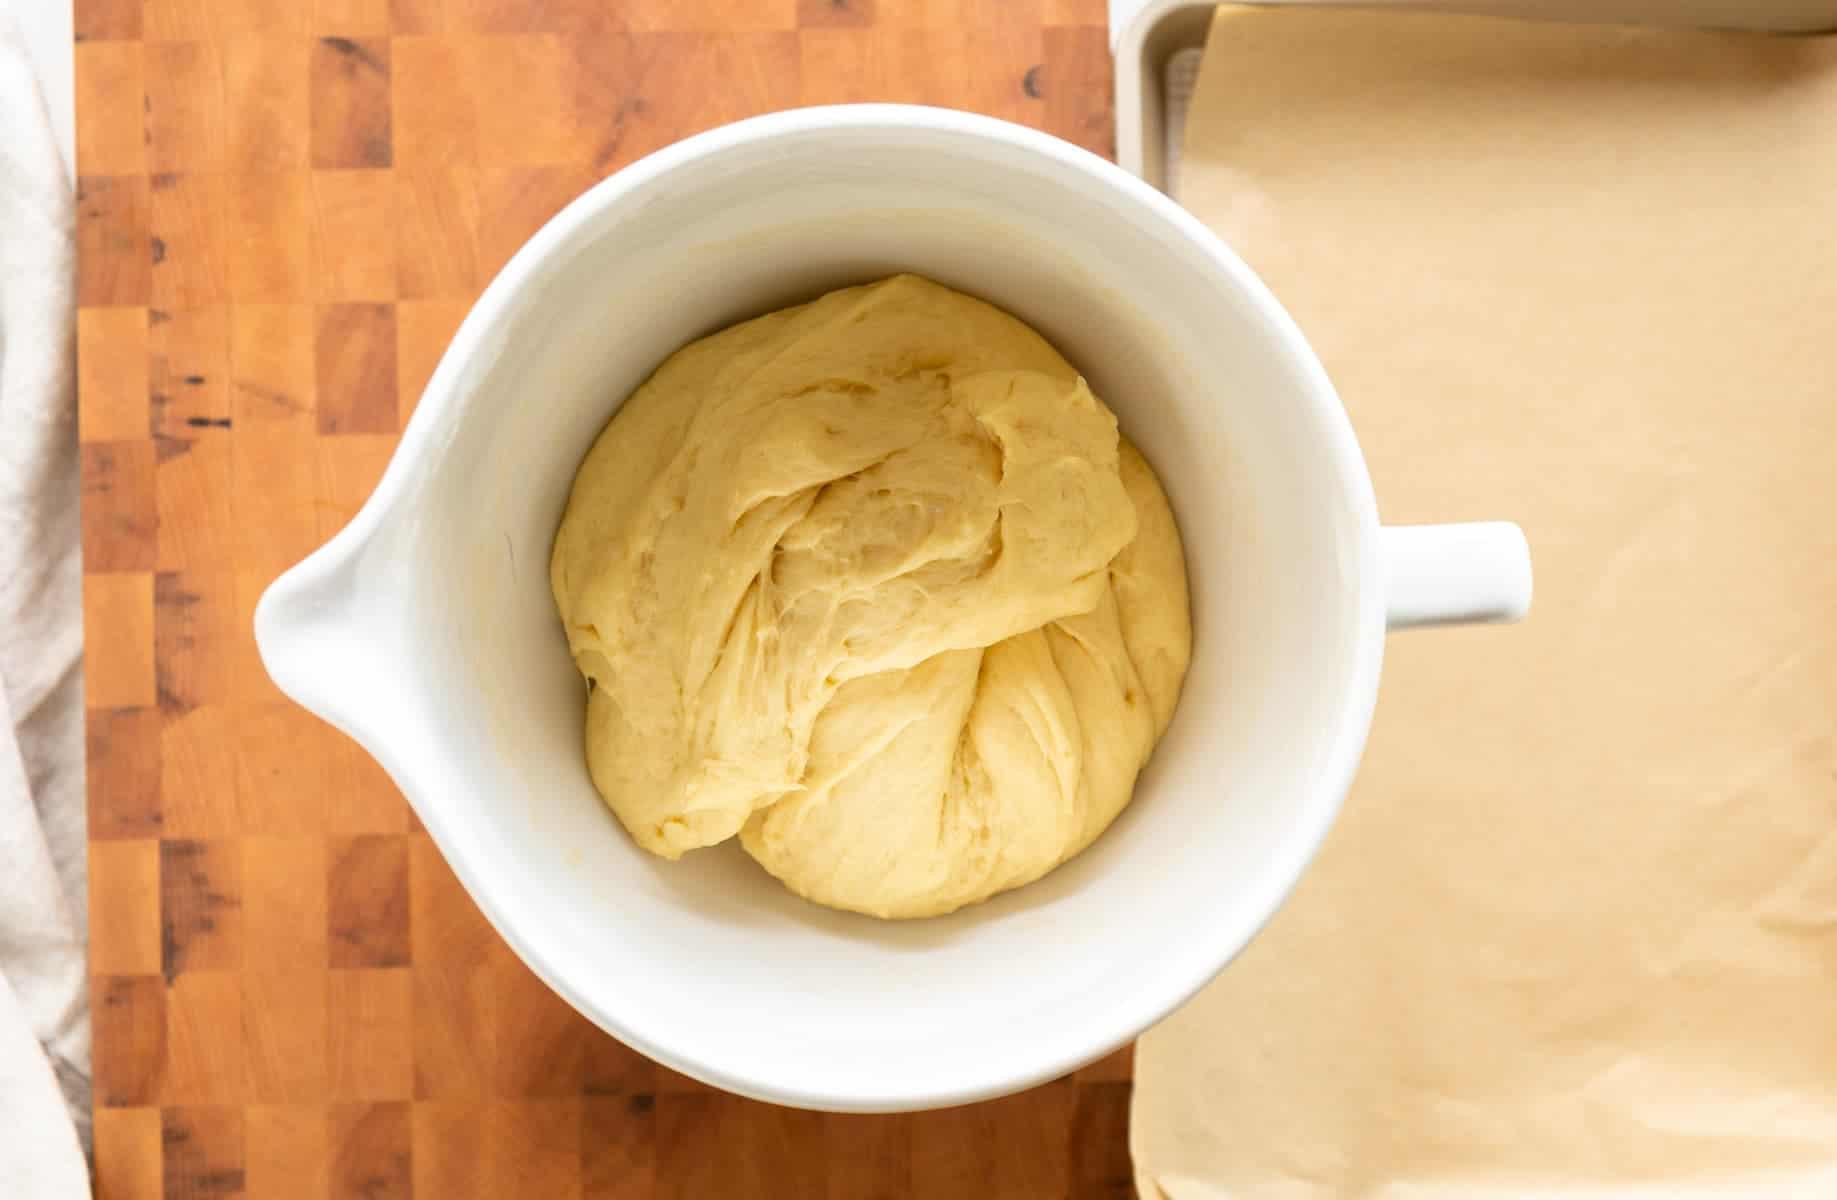 Potato Brioche Burger Bun dough after the first proof.